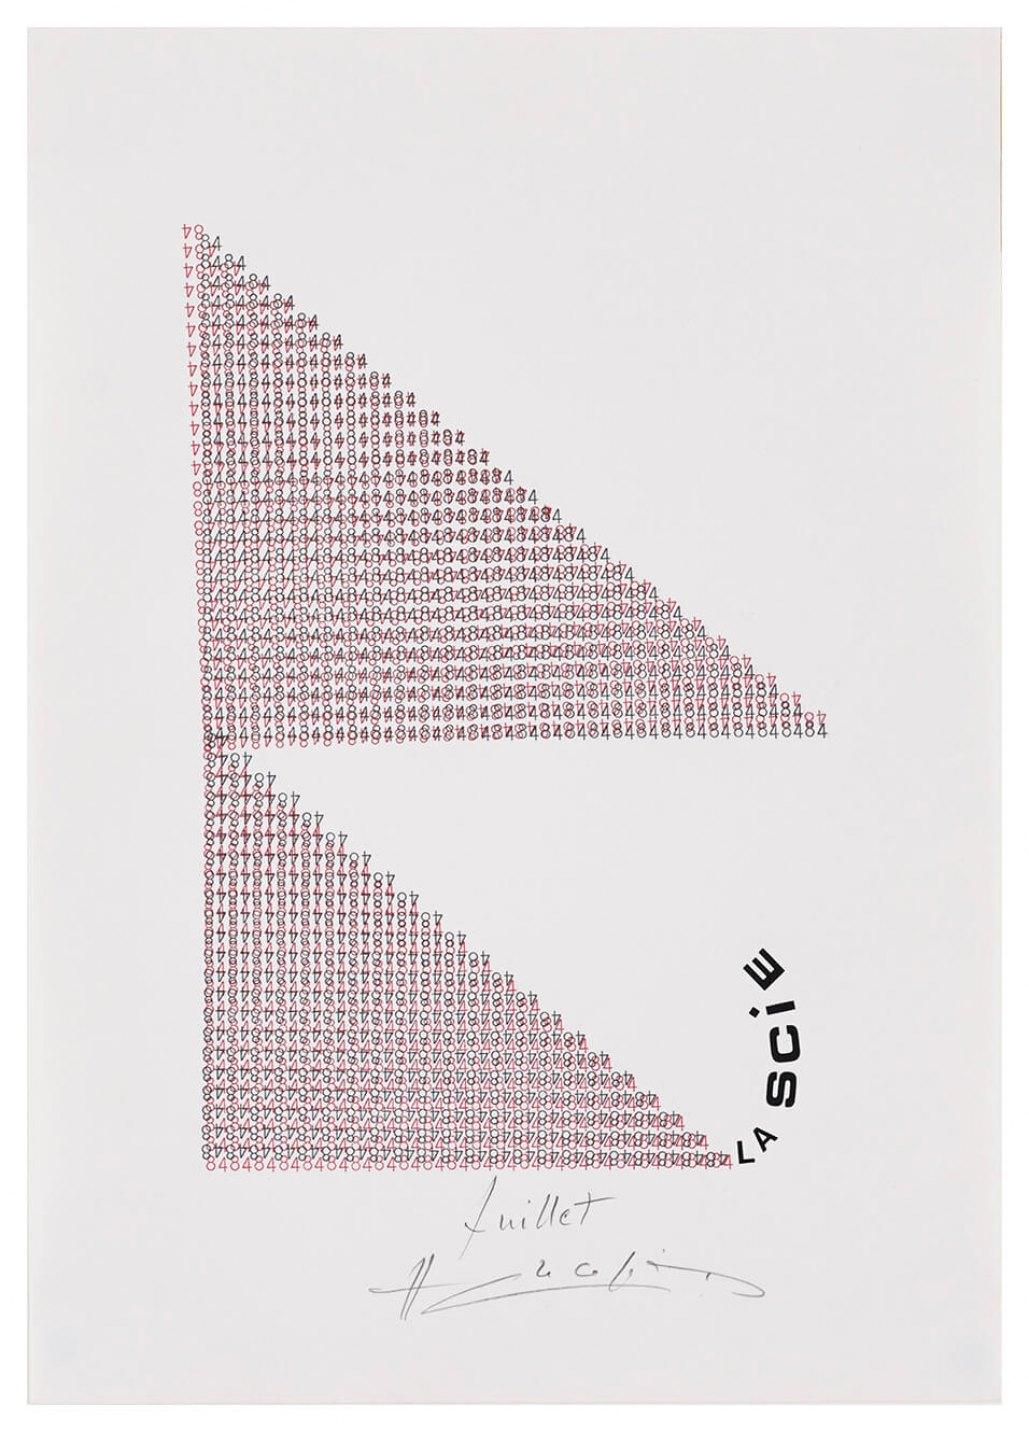 Henri Chopin, <em>La Scie</em>, 1984, ink on paper (typewritten poems), 29,7 × 21 cm - Mendes Wood DM